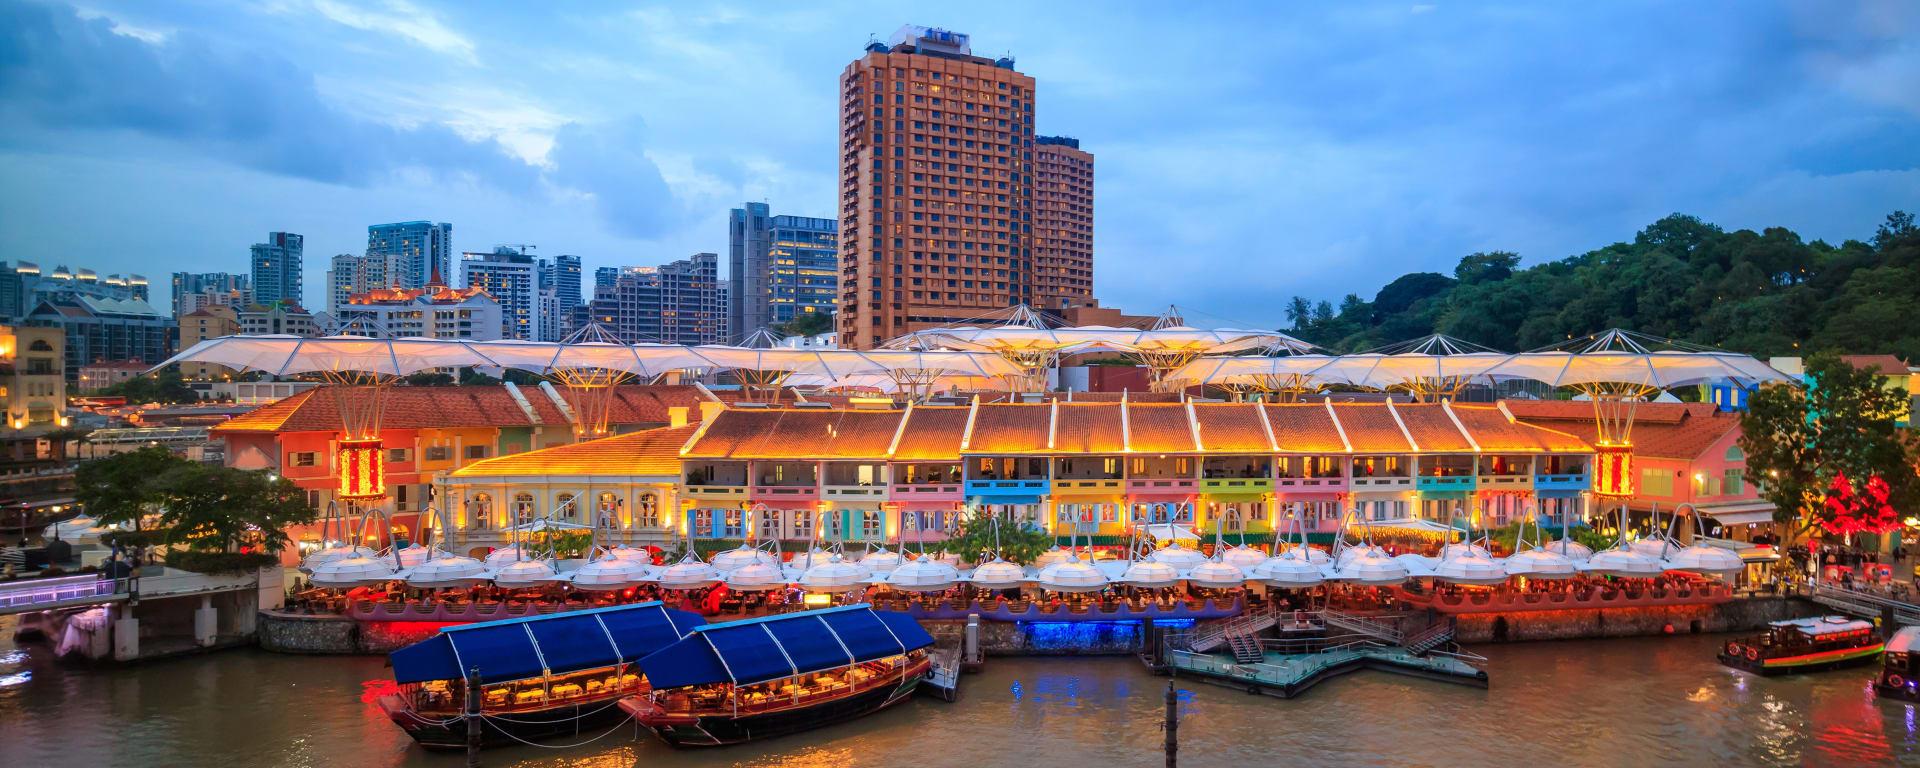 Singapur entdecken mit Tischler Reisen: Singapur Clarke Quay